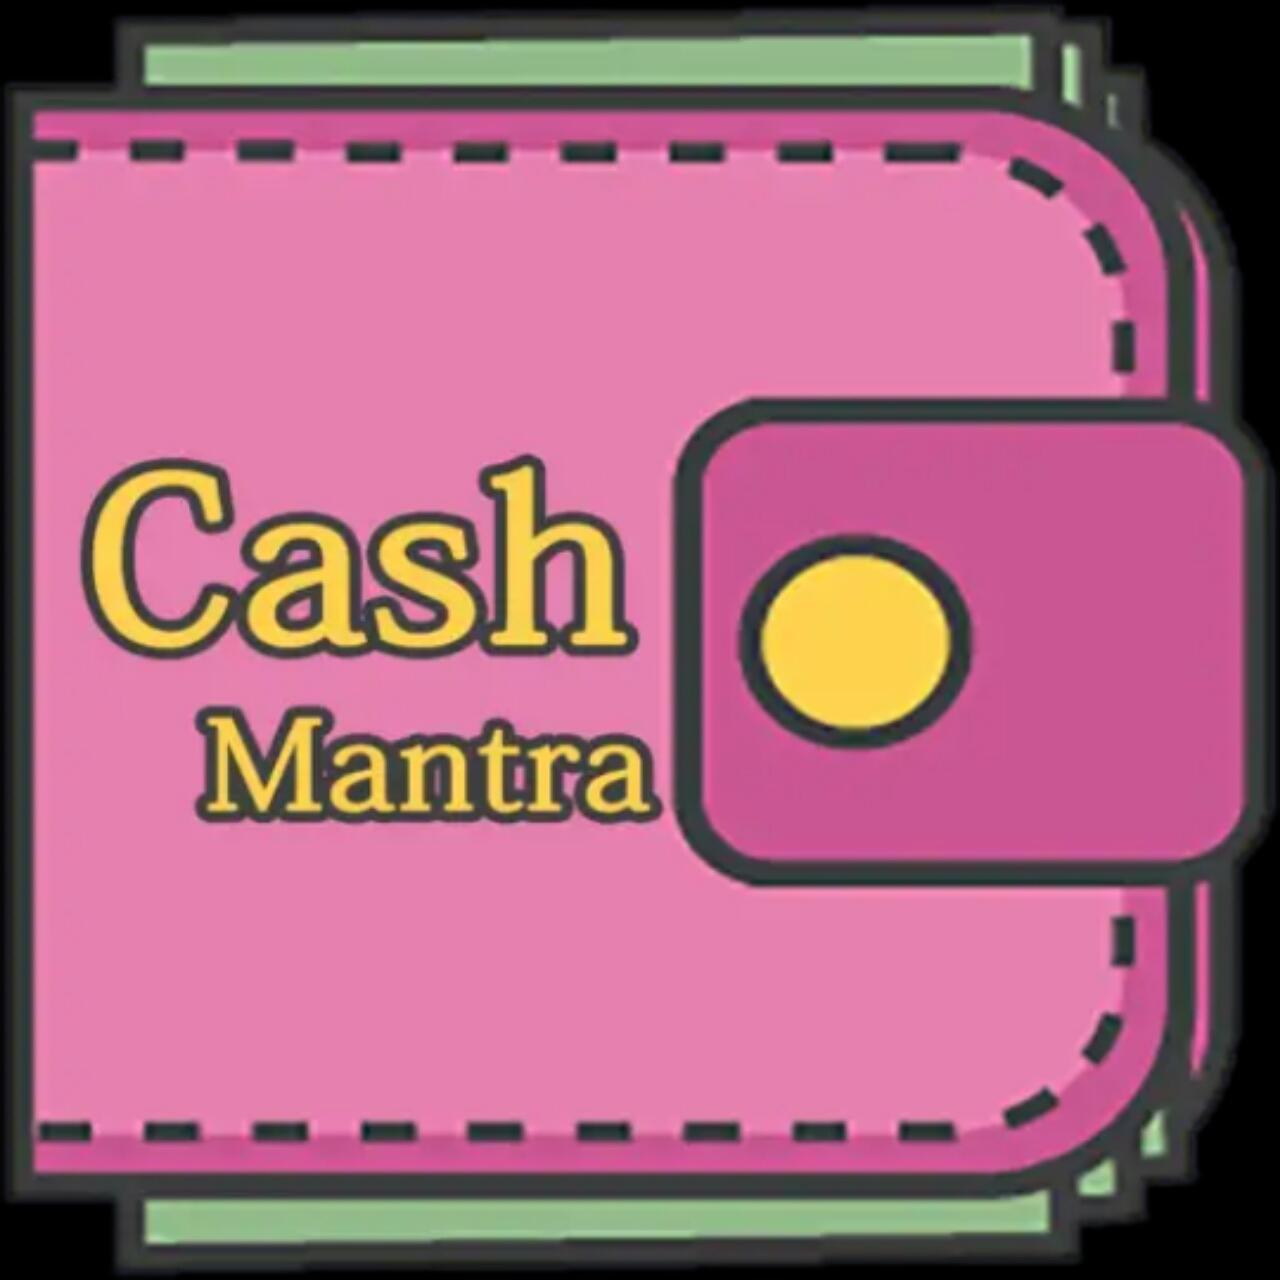 CashMantra App Refer Script | Cash Mantra Online Script | Free Paytm